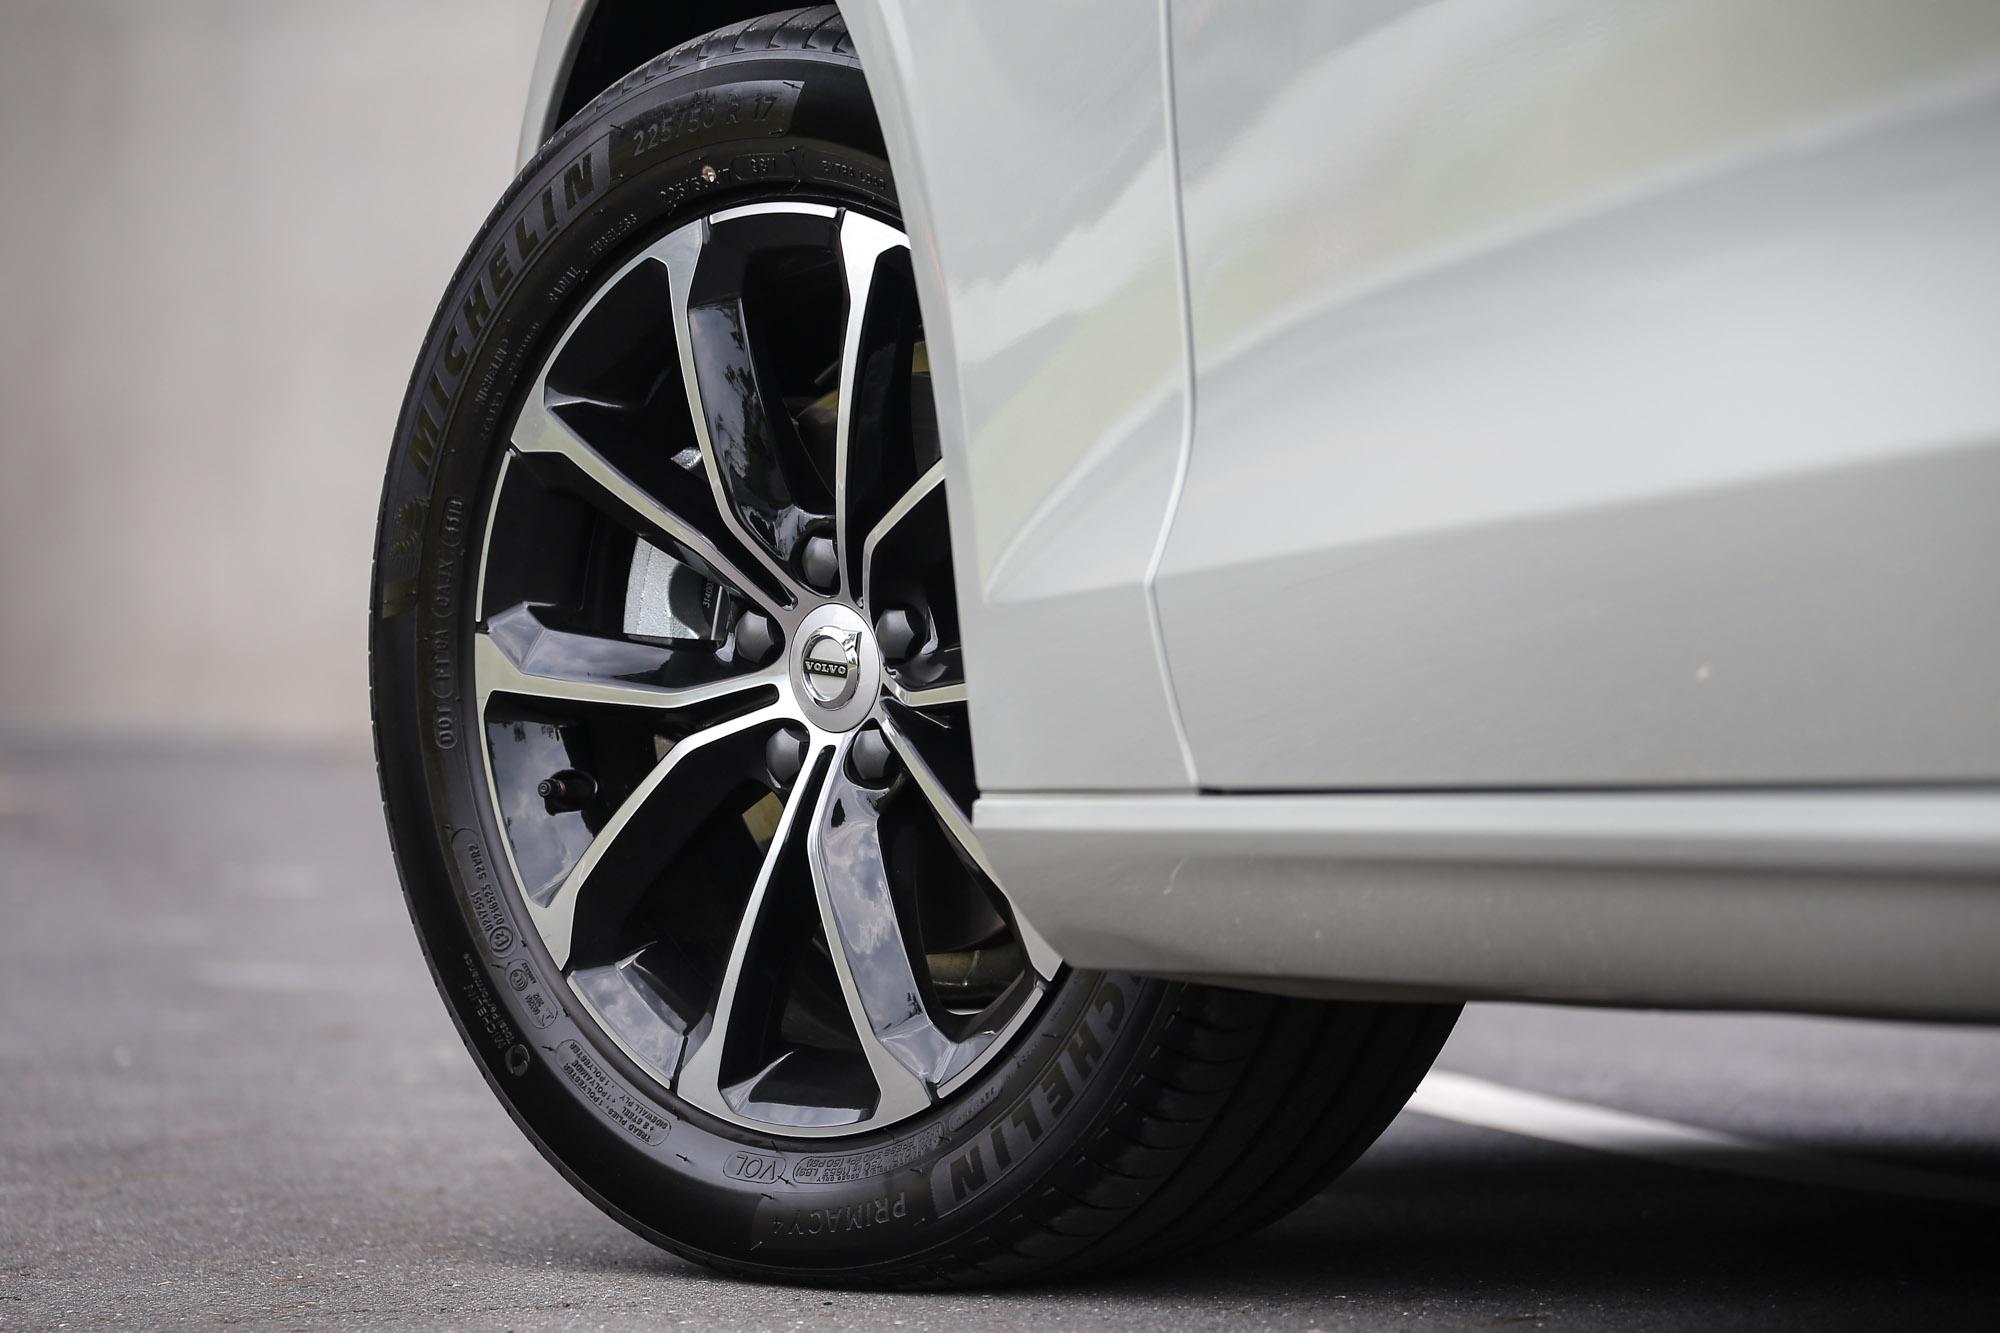 標配 17 吋 5 輻雙肋黑鑽石切割鋁合金鋼圈,輪胎尺碼為 225 / 50 R17。